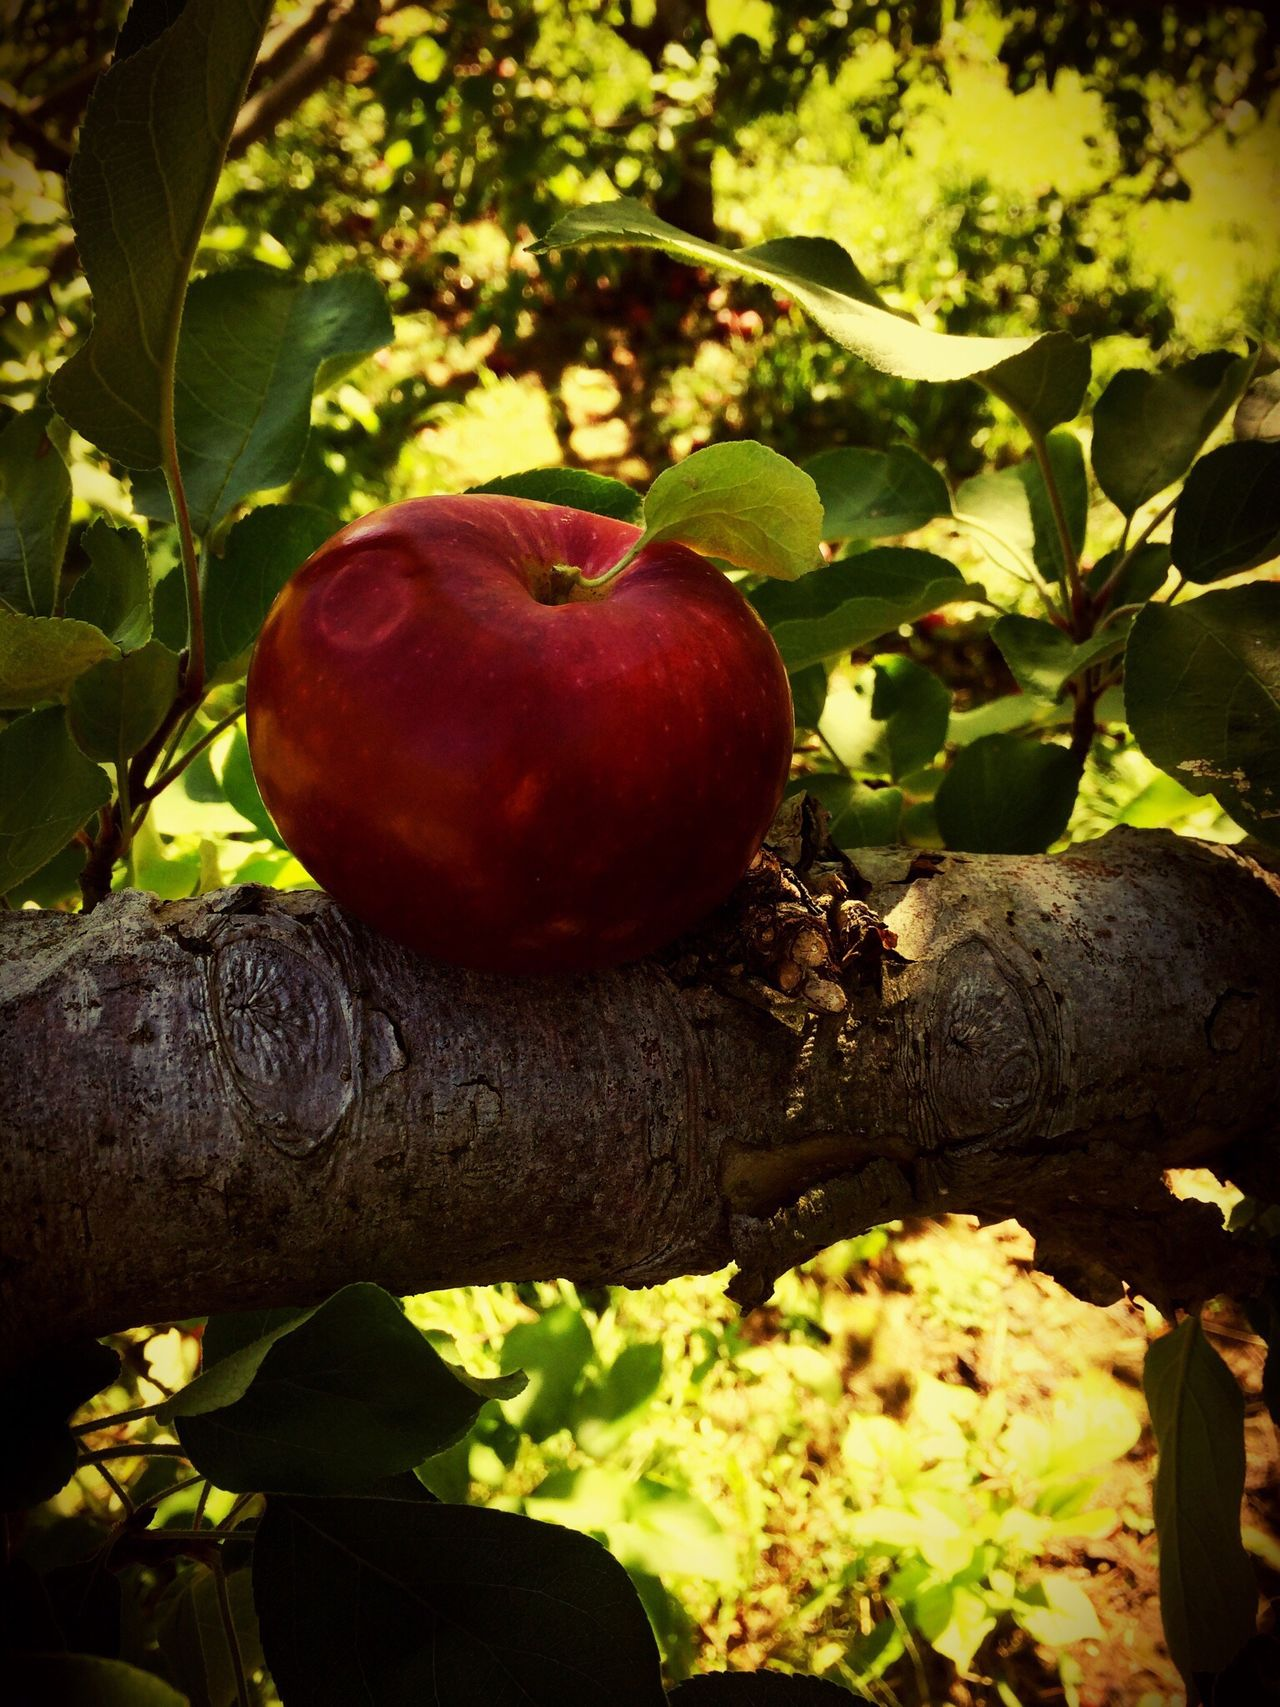 Apple Dented Apple Picking Apple Tree